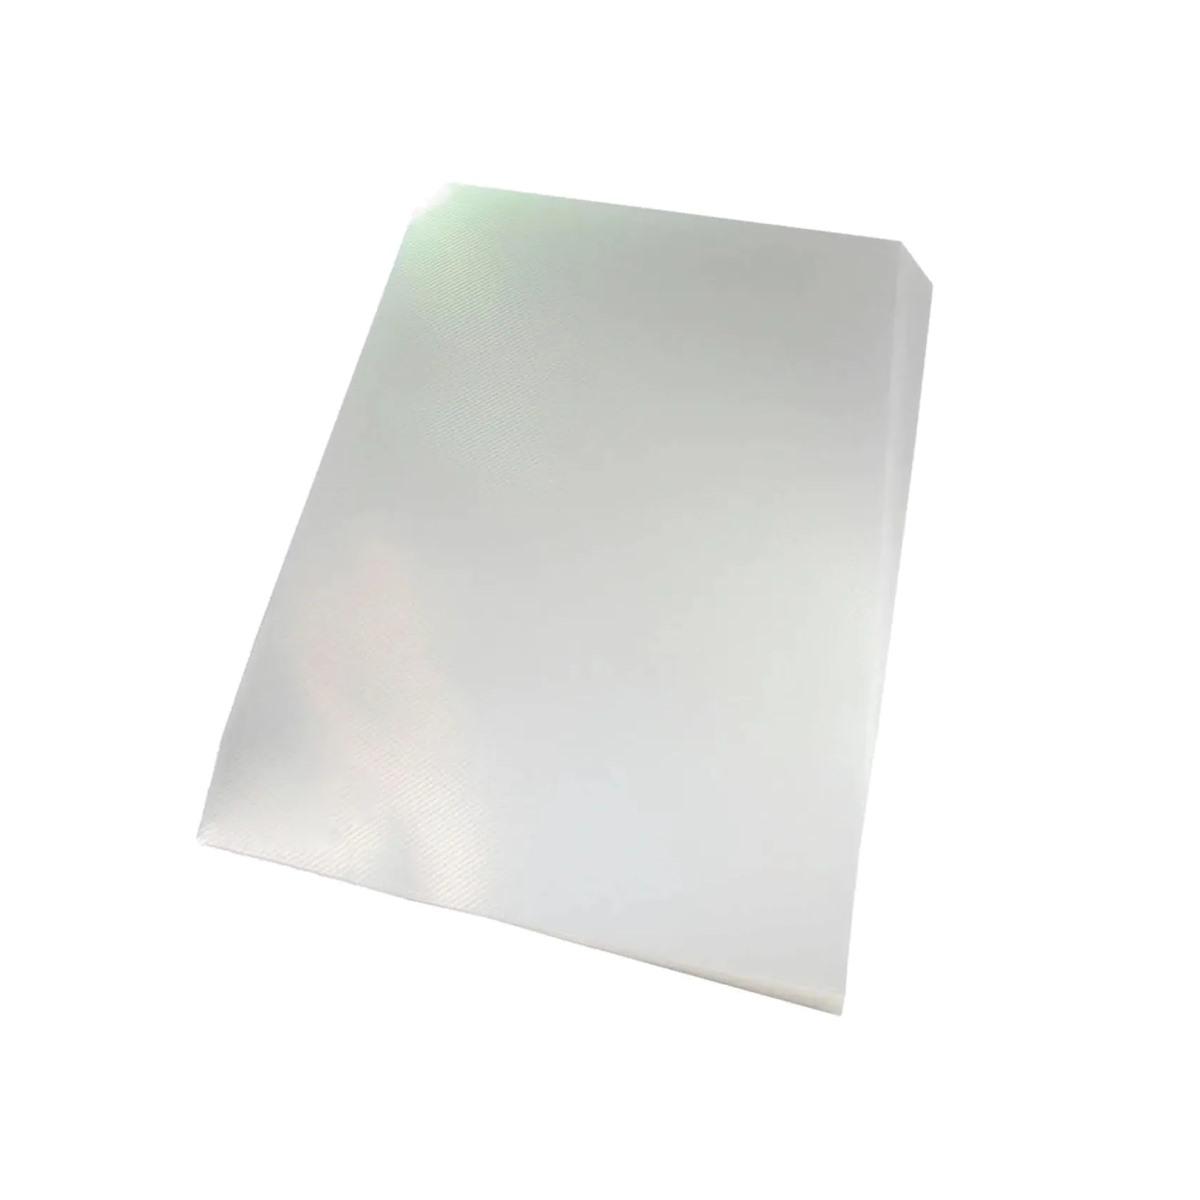 Capa para encadernação Ofício Transparente PP Line 0,30mm 100un